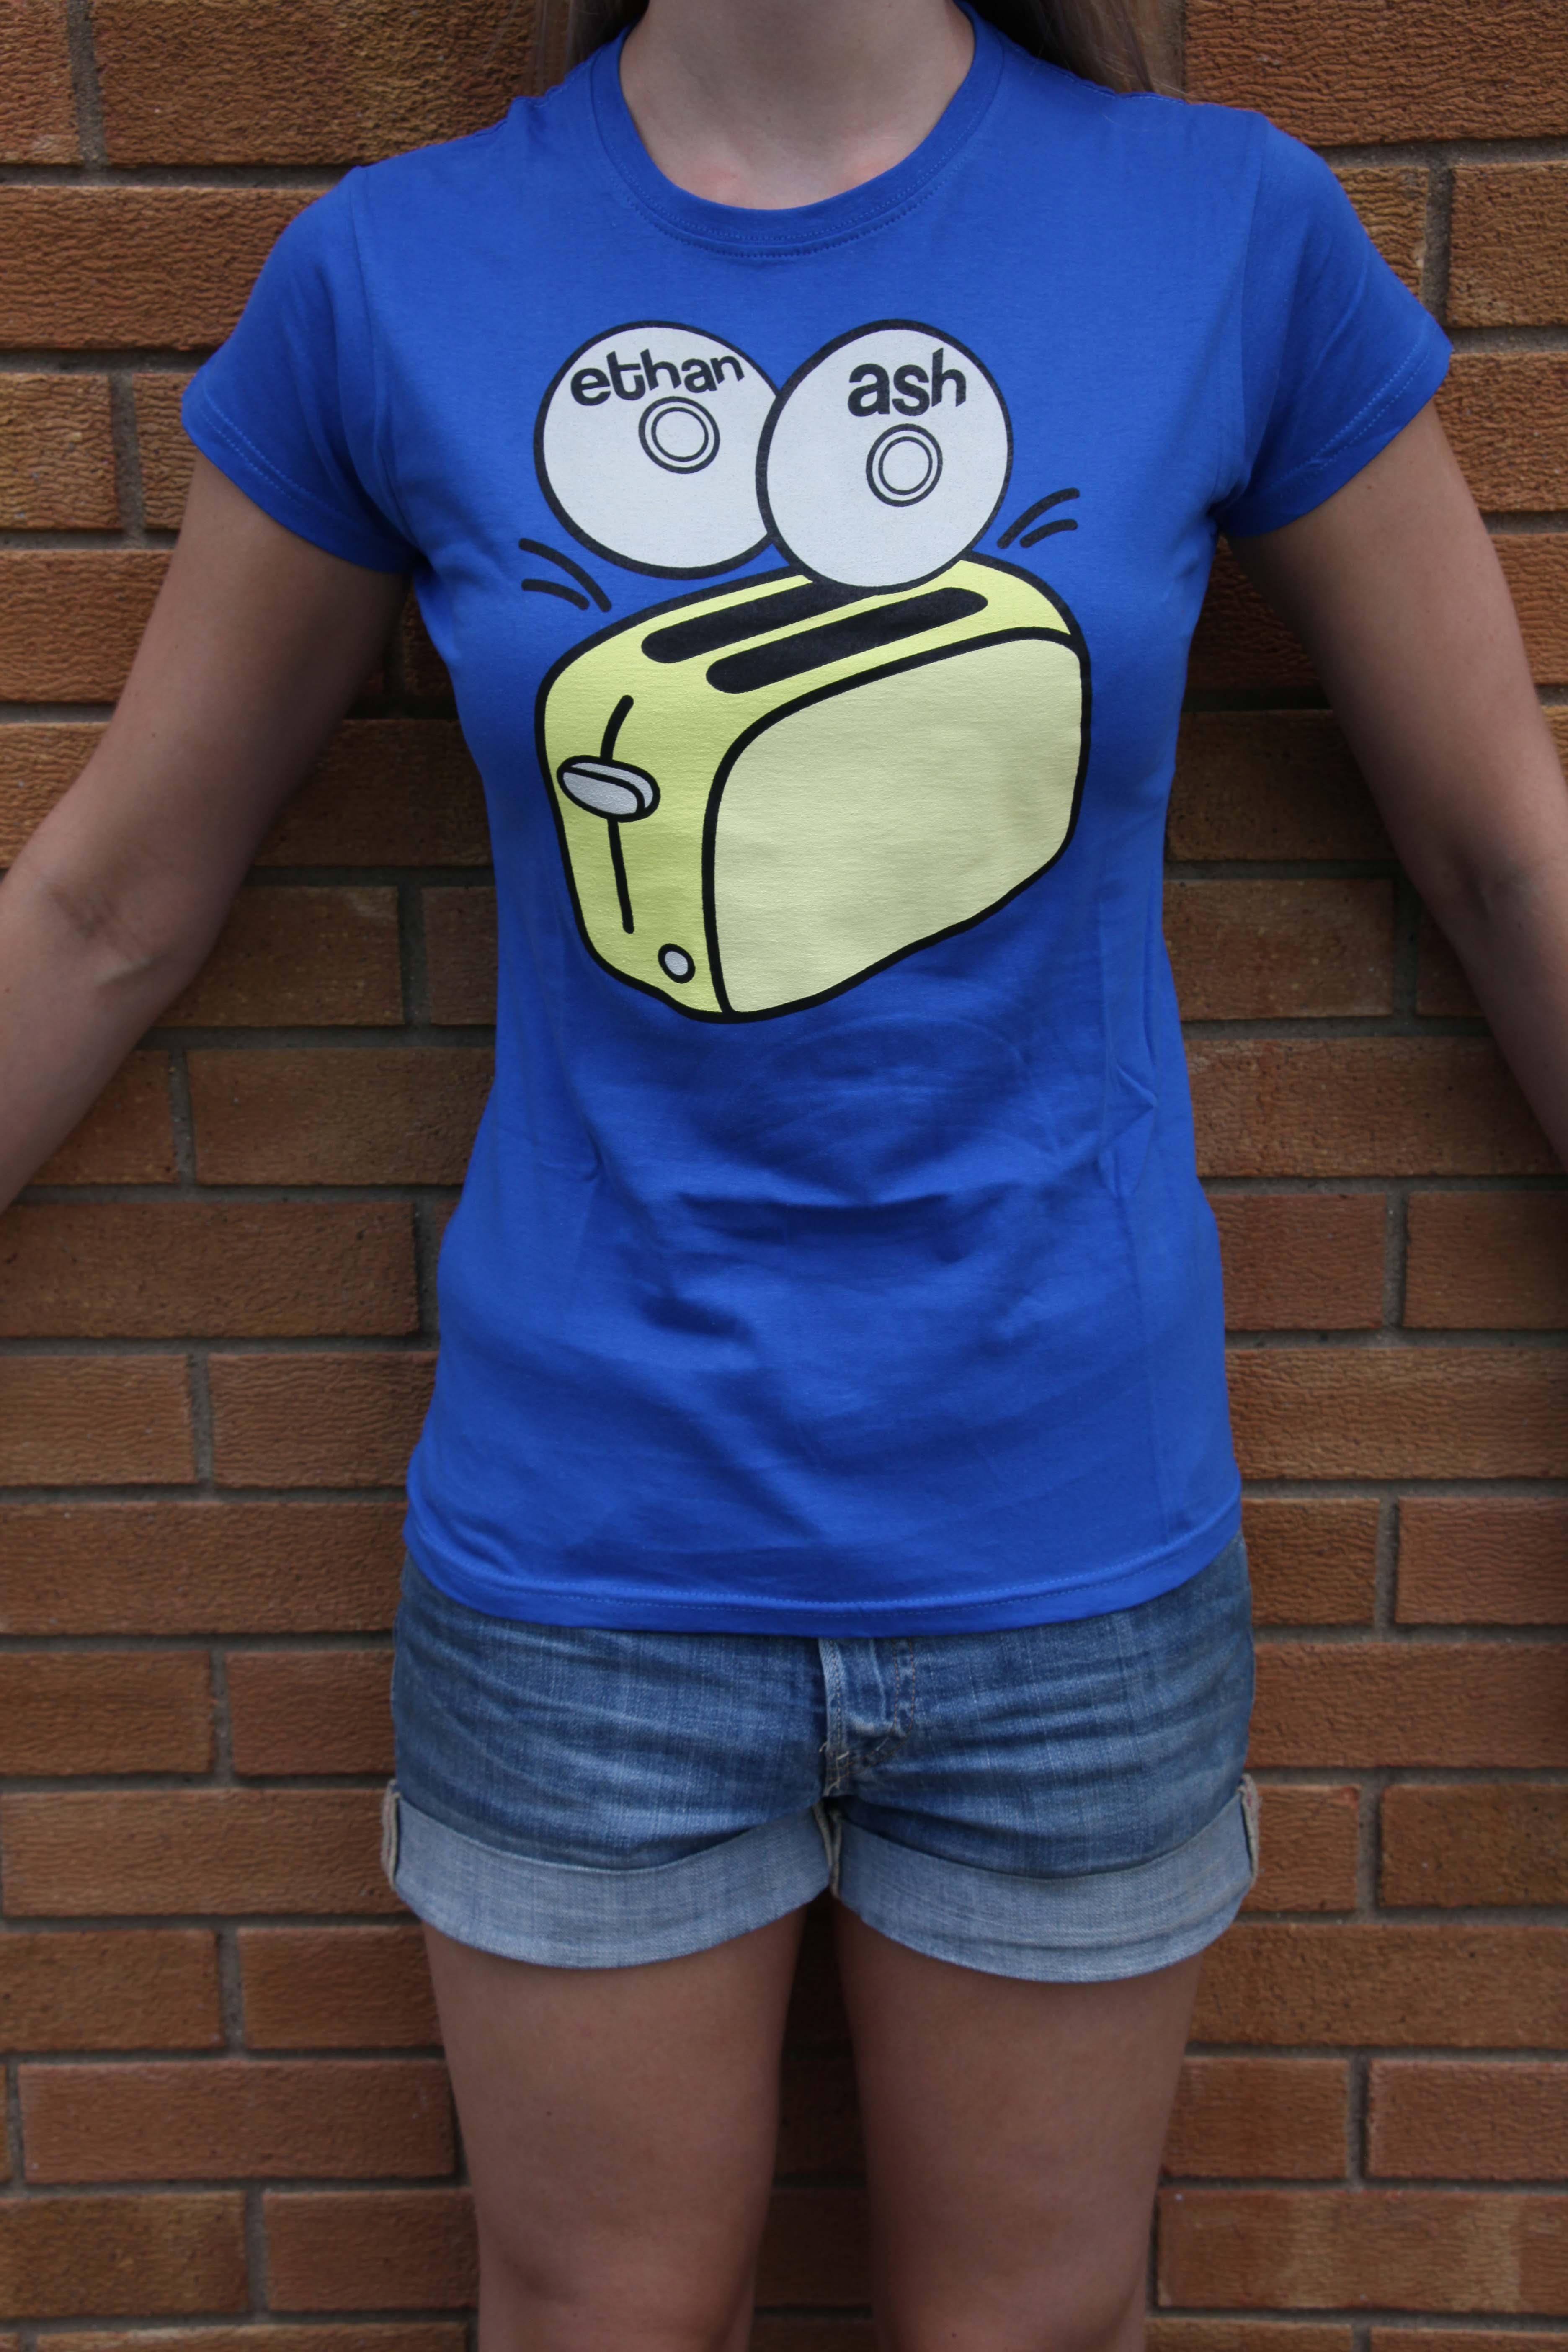 'Toaster' T-Shirt Ladies - Ethan Ash